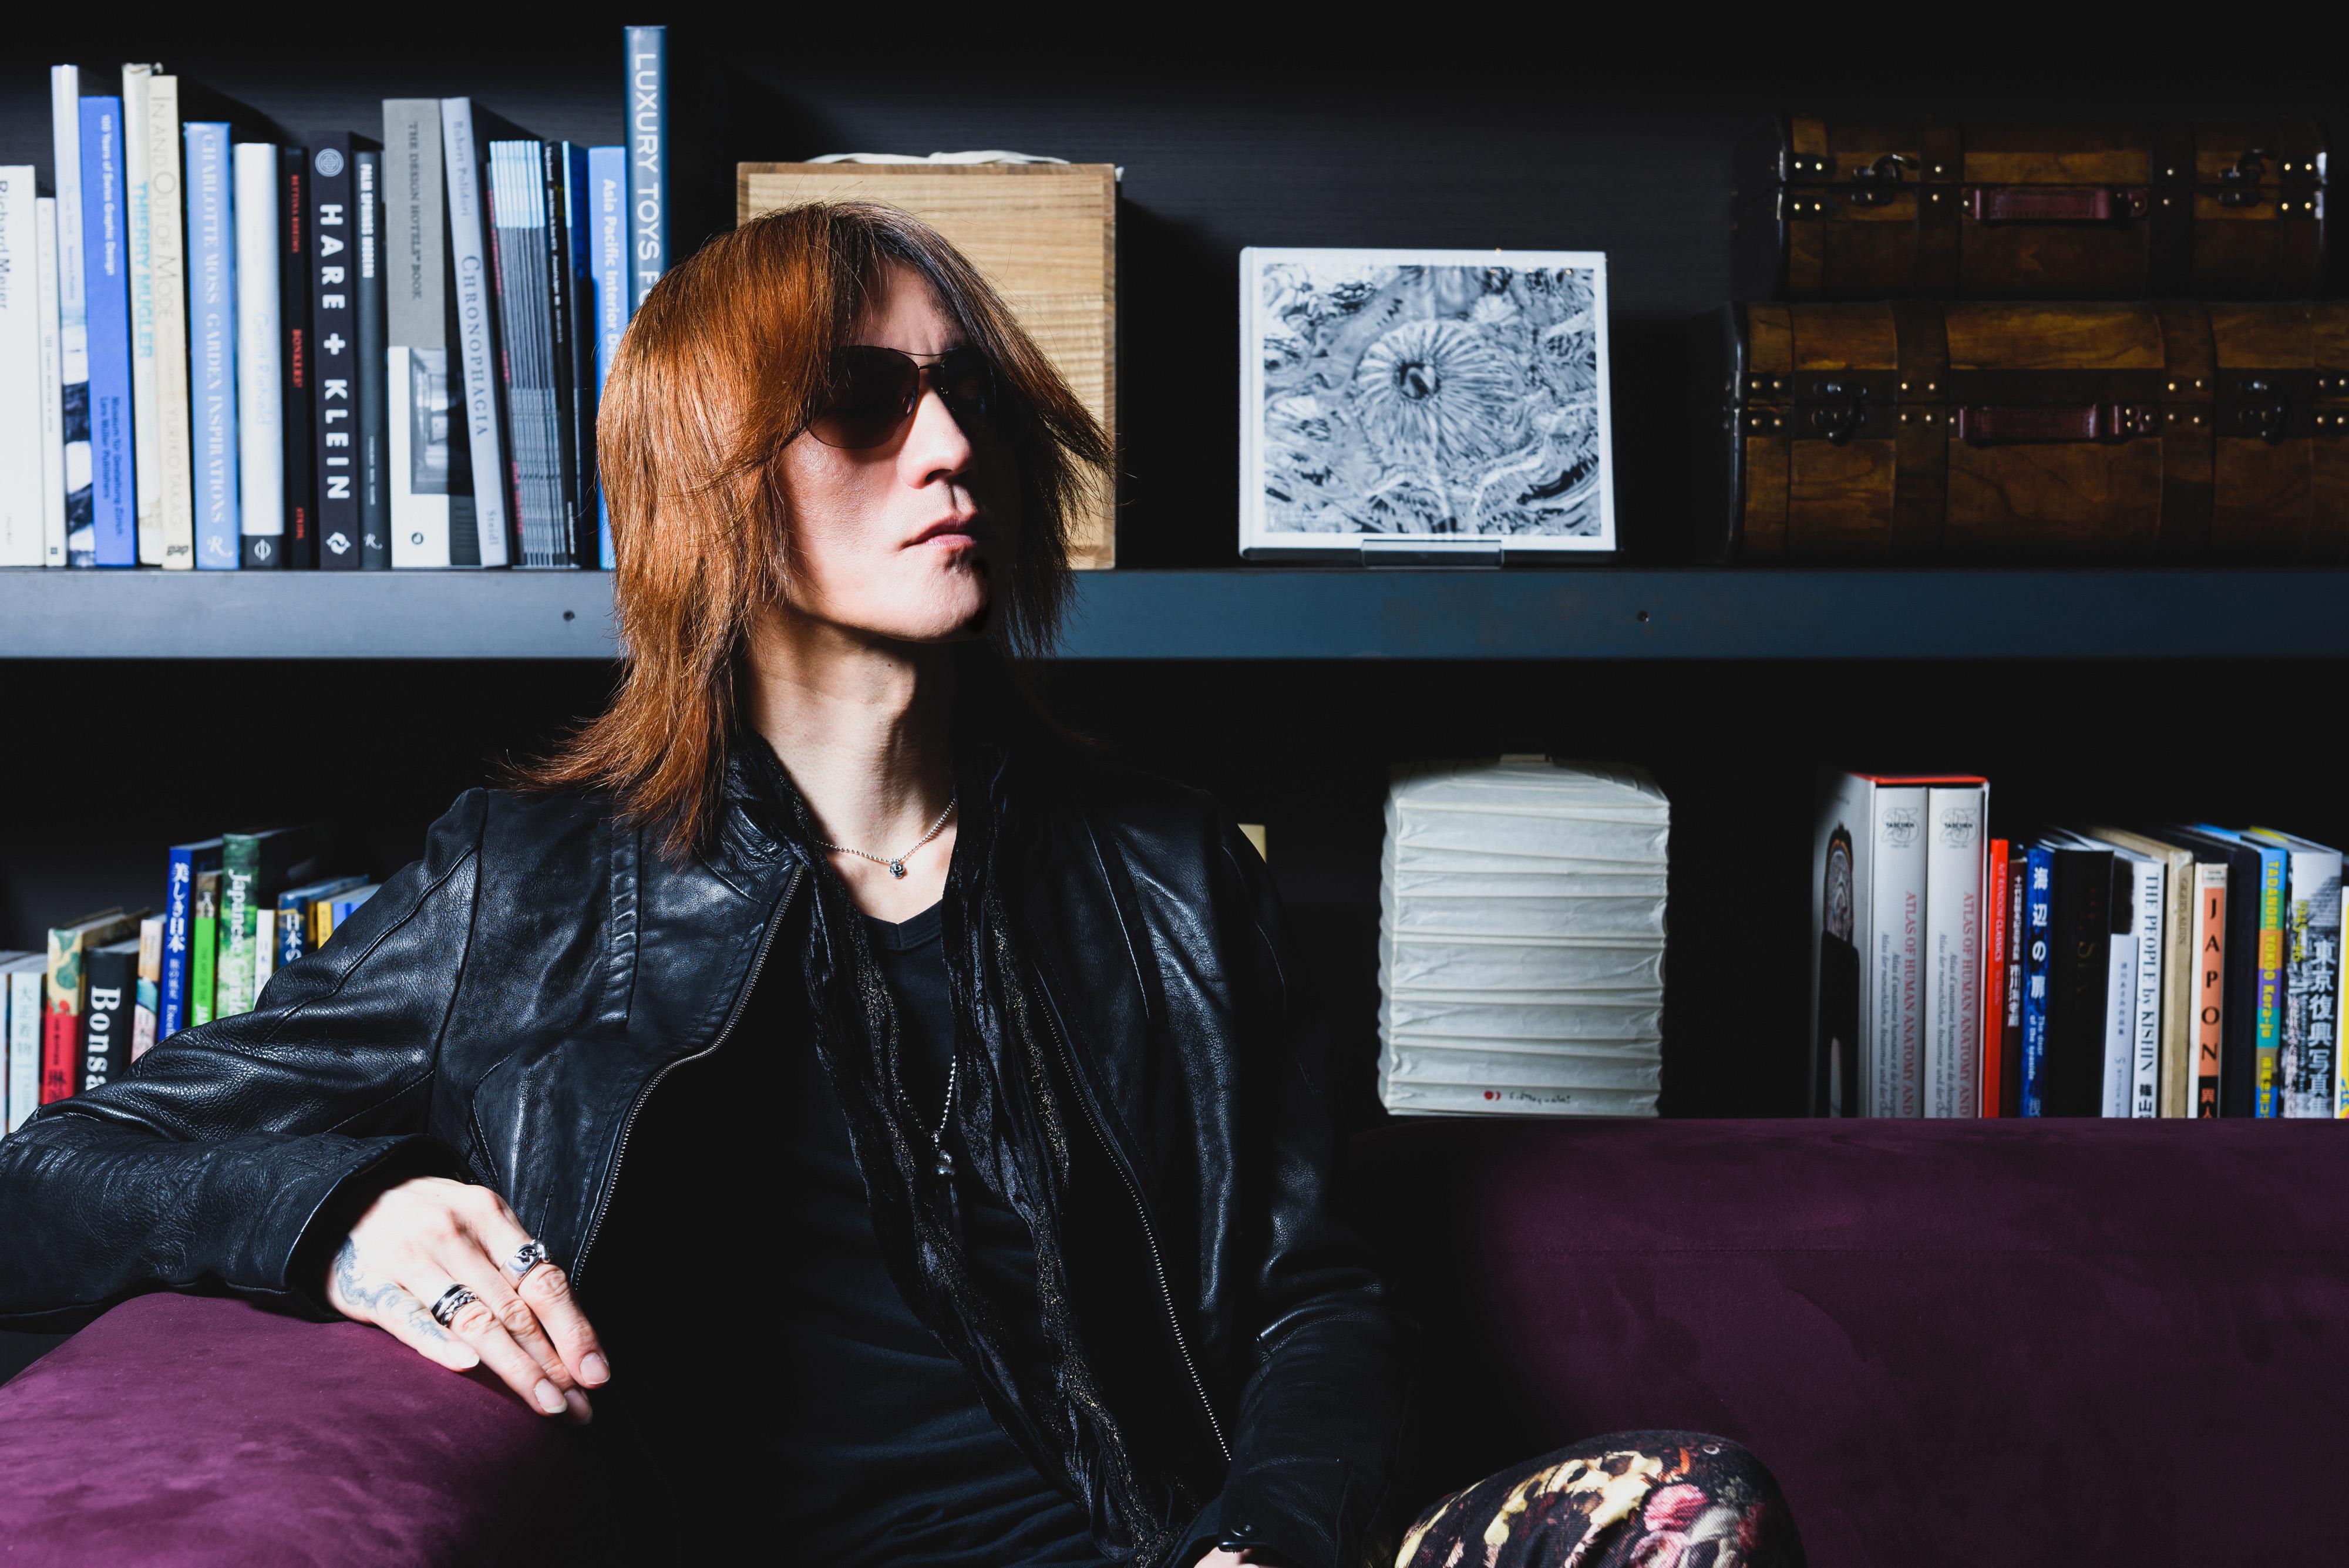 ザ・インタビュー「LUNA SEAとX JAPAN、二つのバンドを行き来するギタリスト」